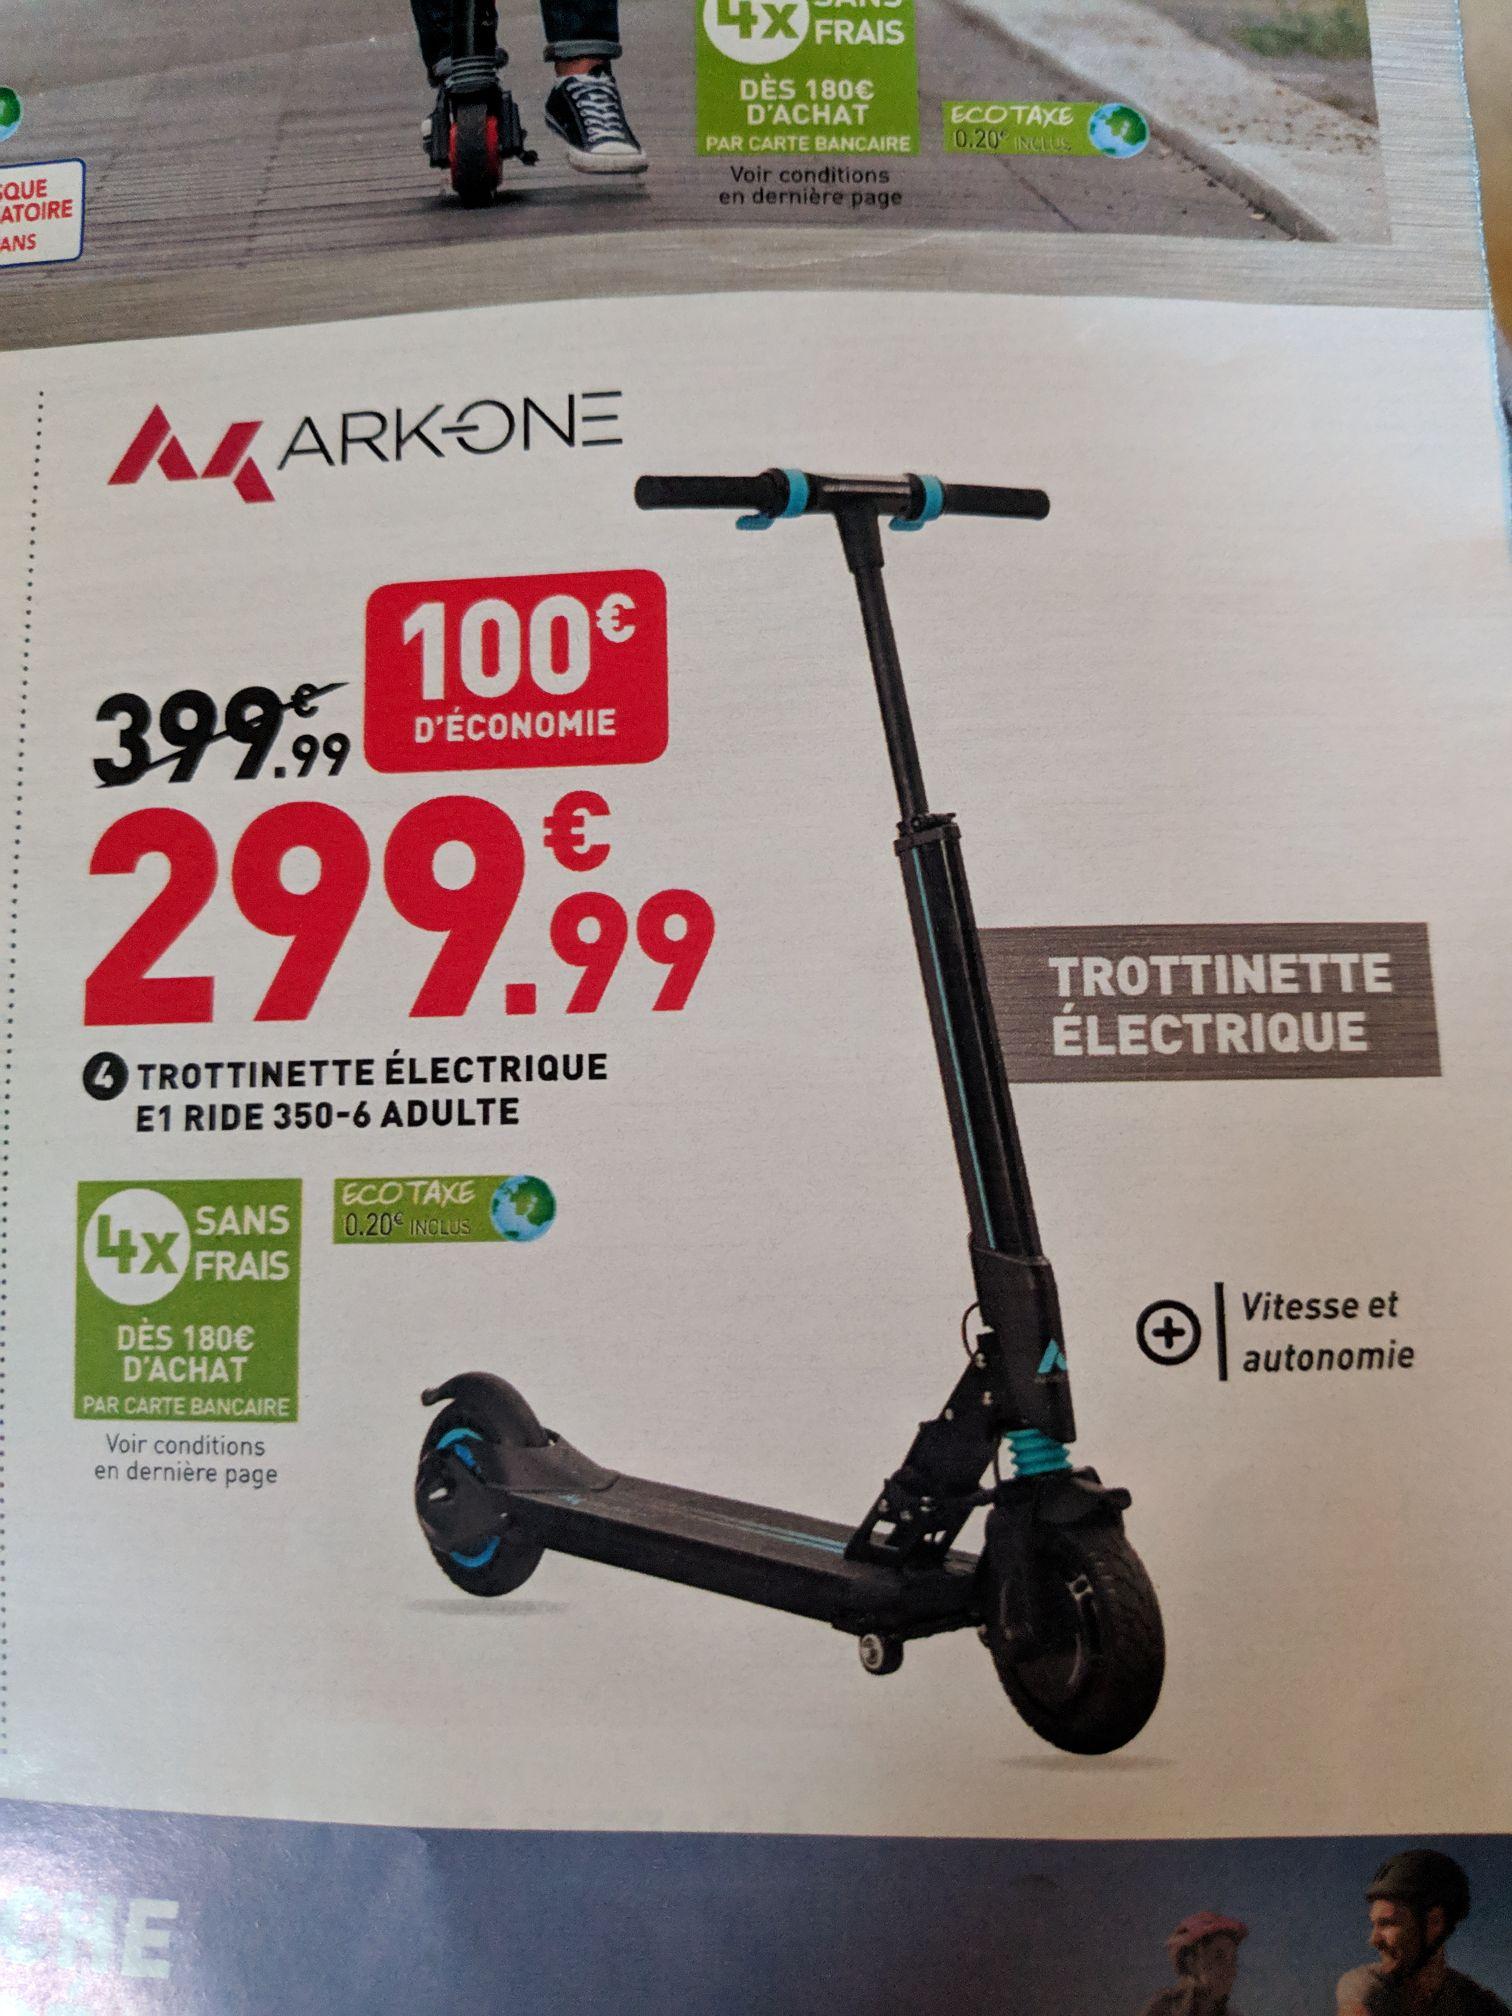 Trottinette électrique Ark-One E1 Ride 350-6 - 4 Ah, 36 V, 350 W